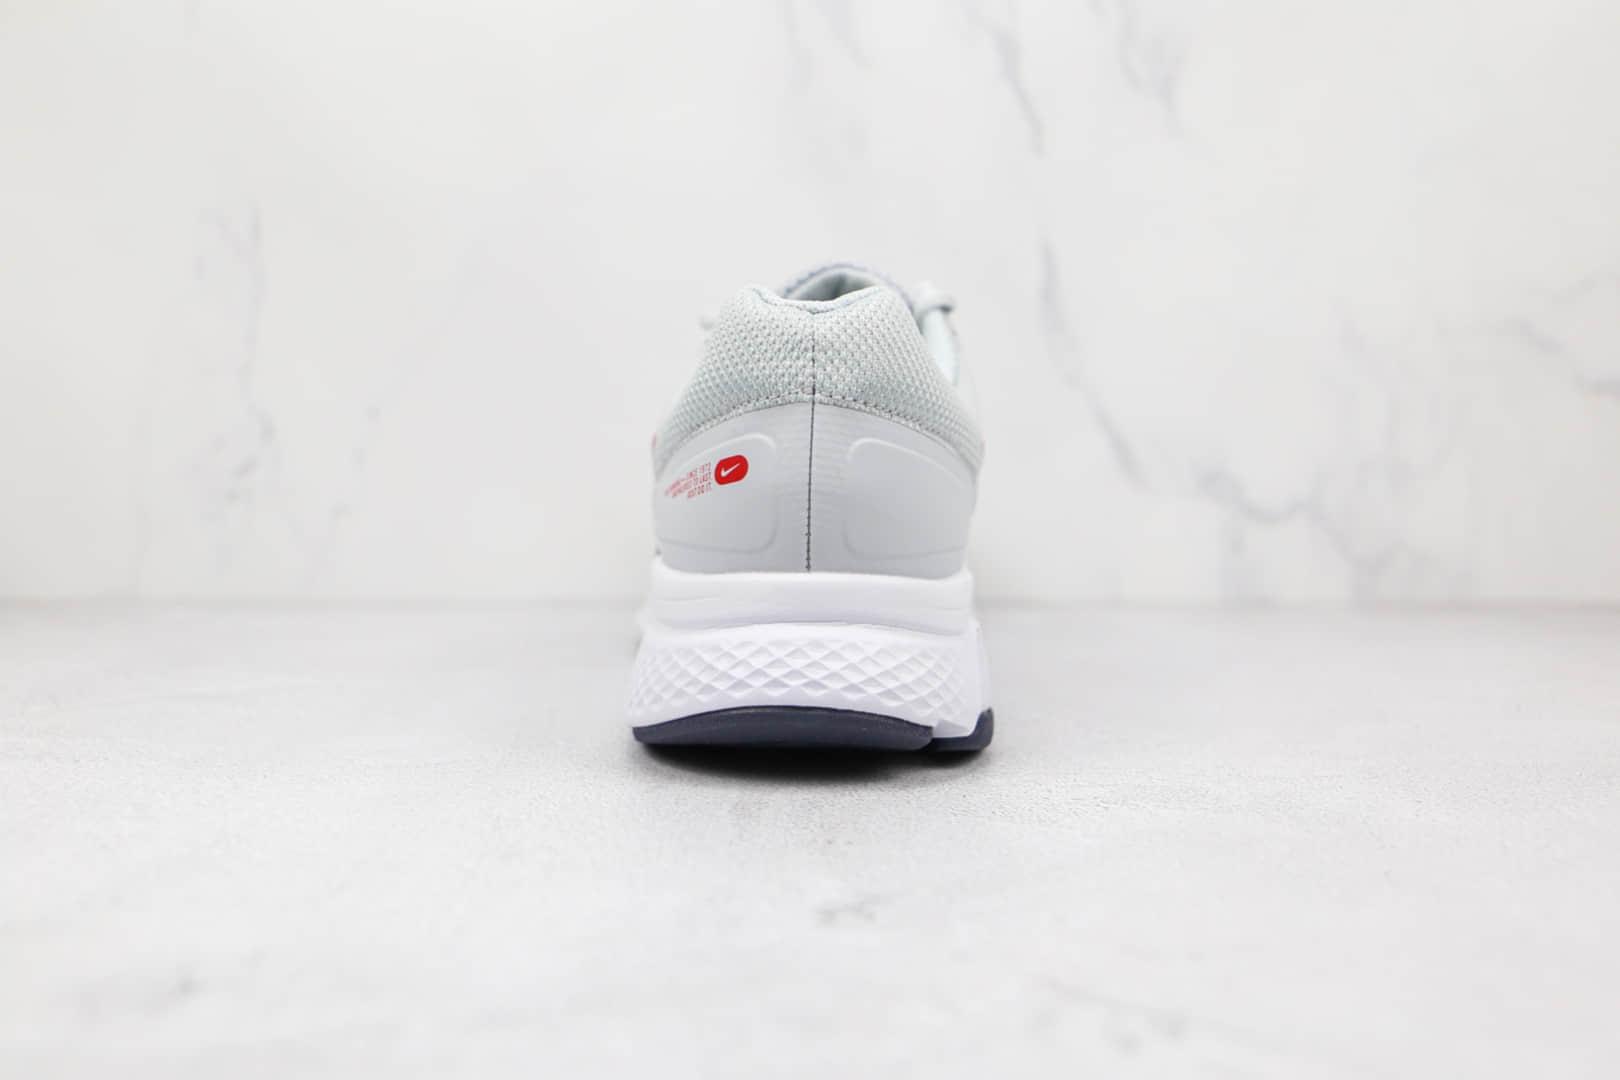 耐克Nike Run Swift 2纯原版本极致S2灰黑红色慢跑鞋原档案数据开发 货号:CU3517-006